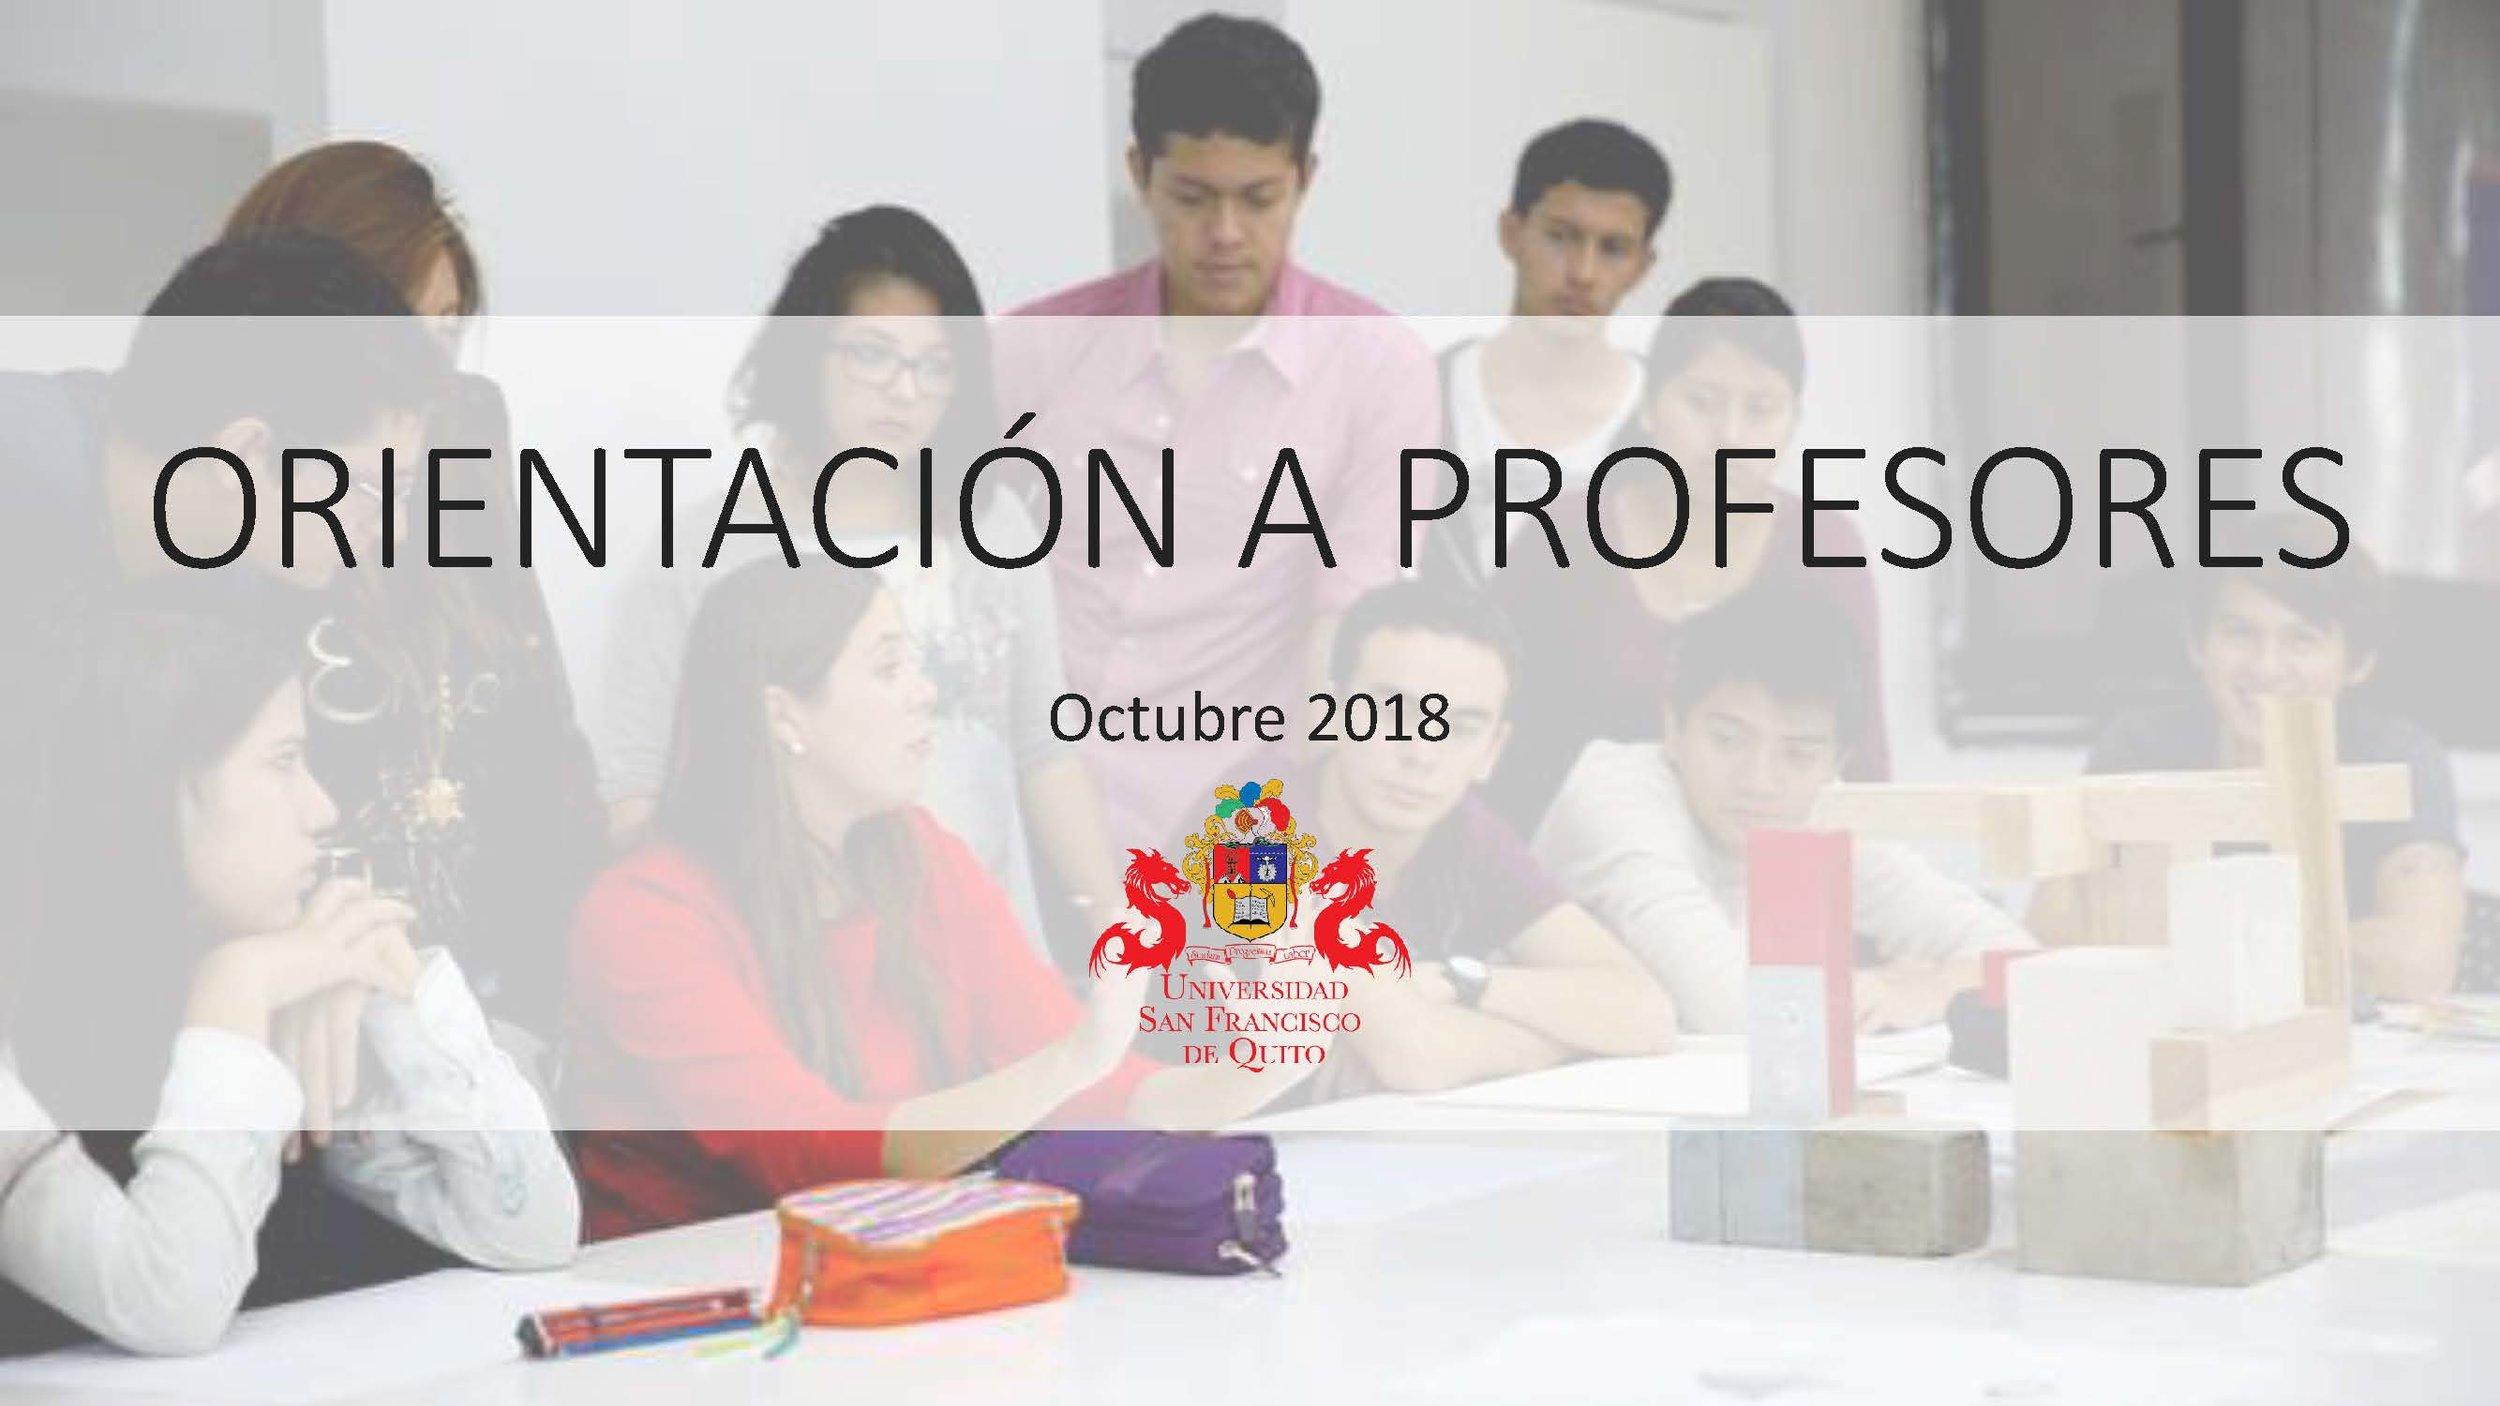 2018-10-3 Seguimiento Orientación Nuevos Profesores_Page_01.jpg